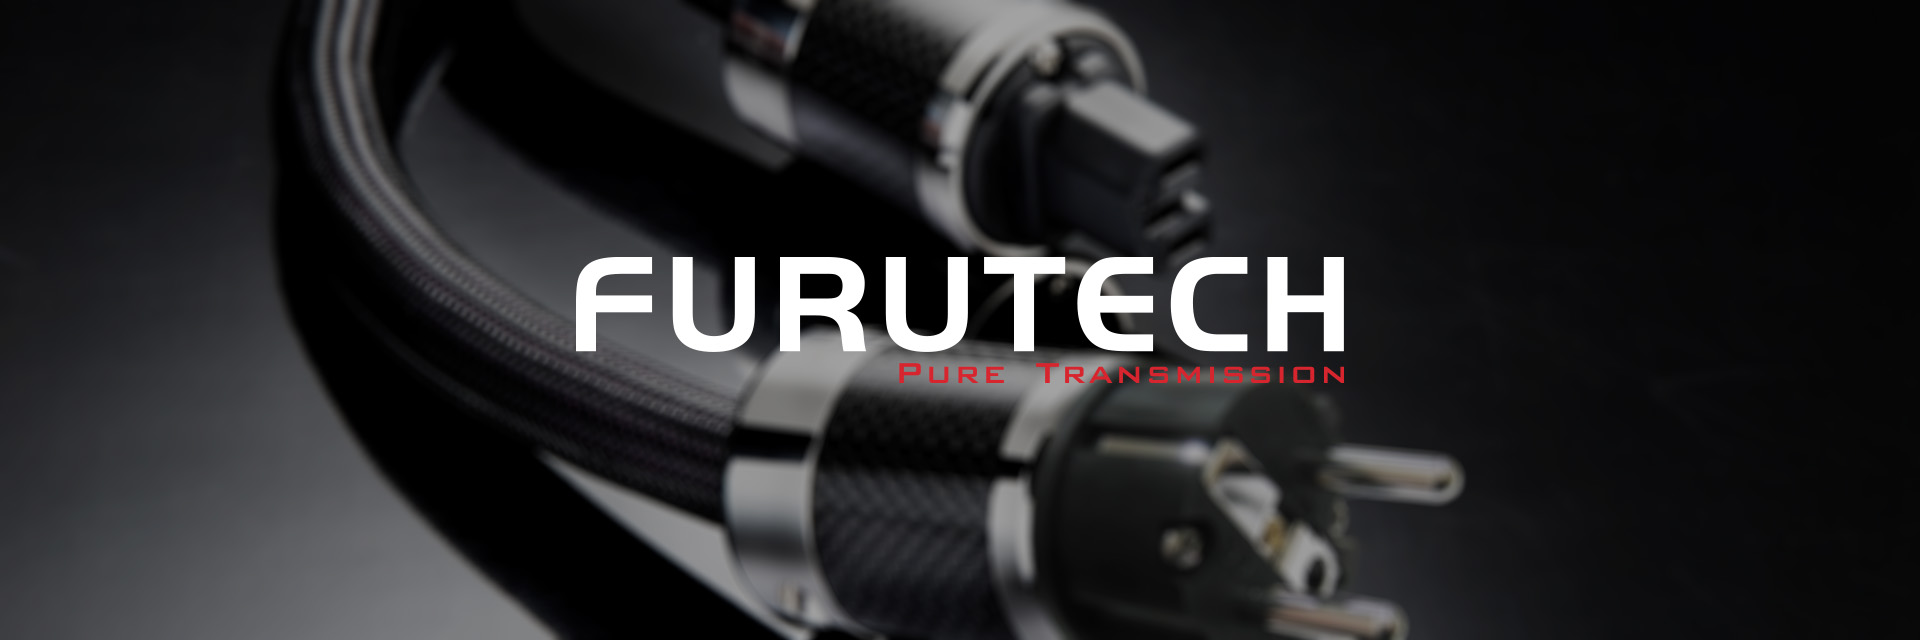 Furutech - X-Fi